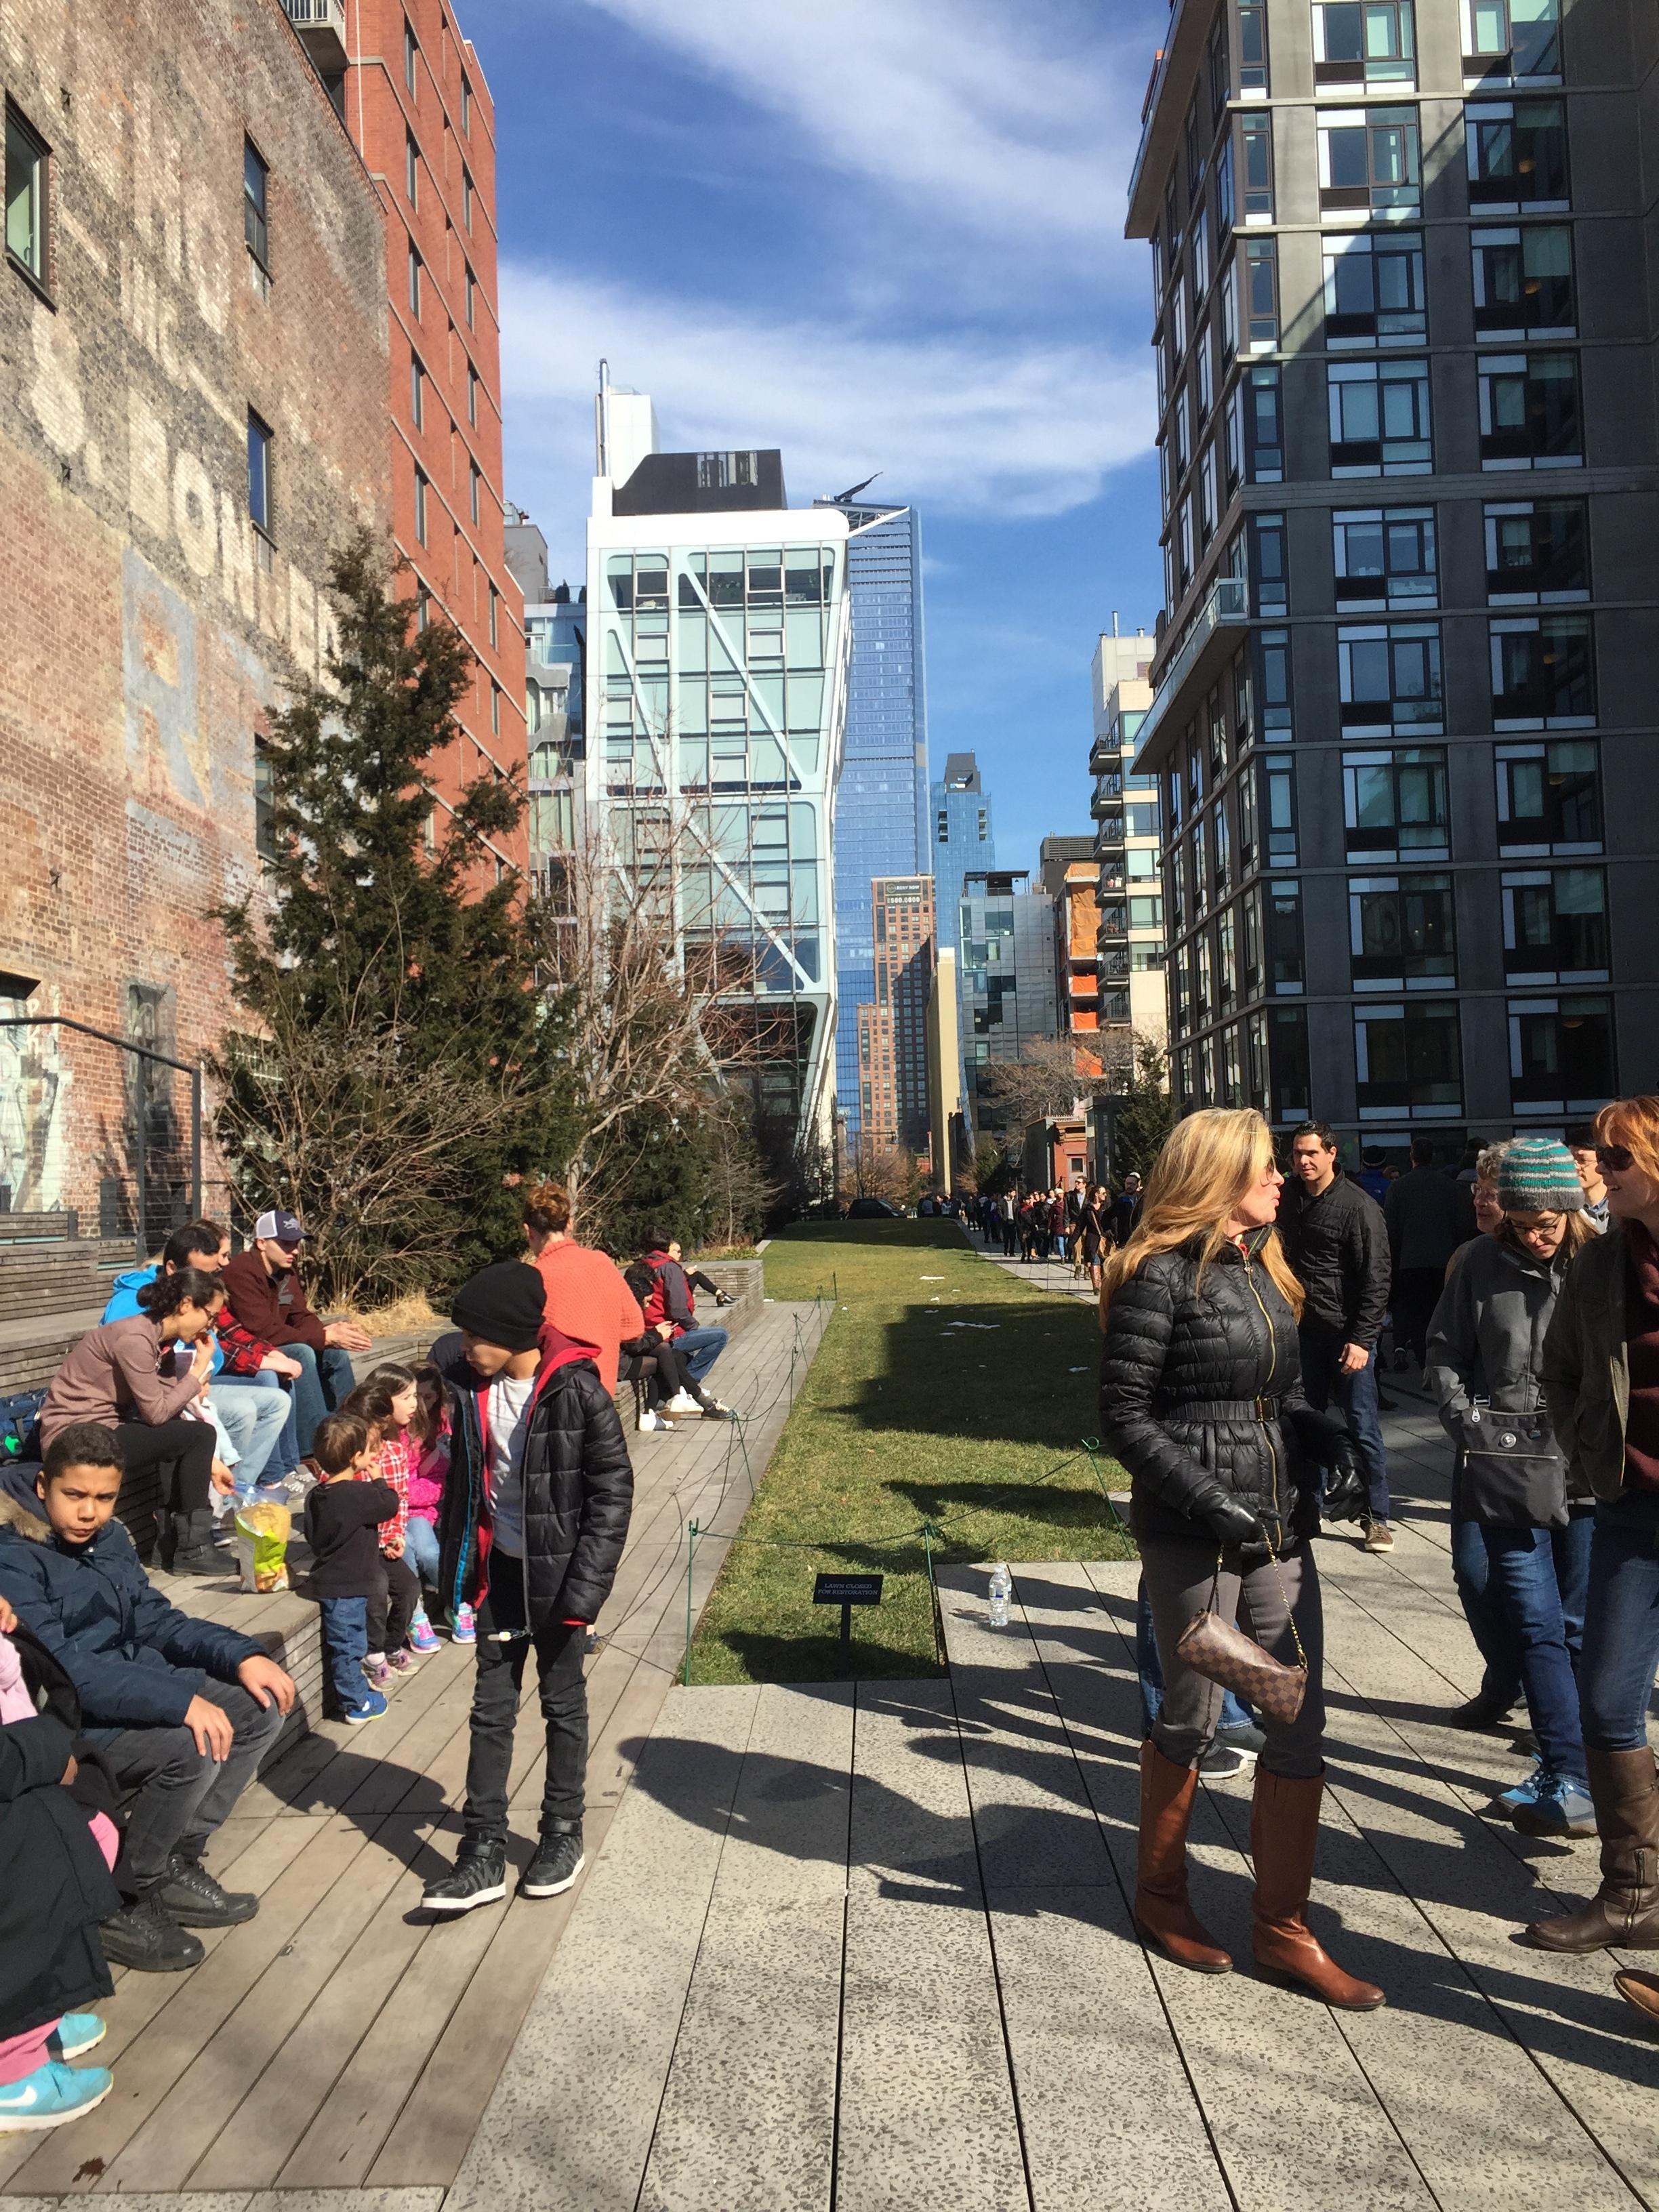 Walking between buildings in High Line Park.